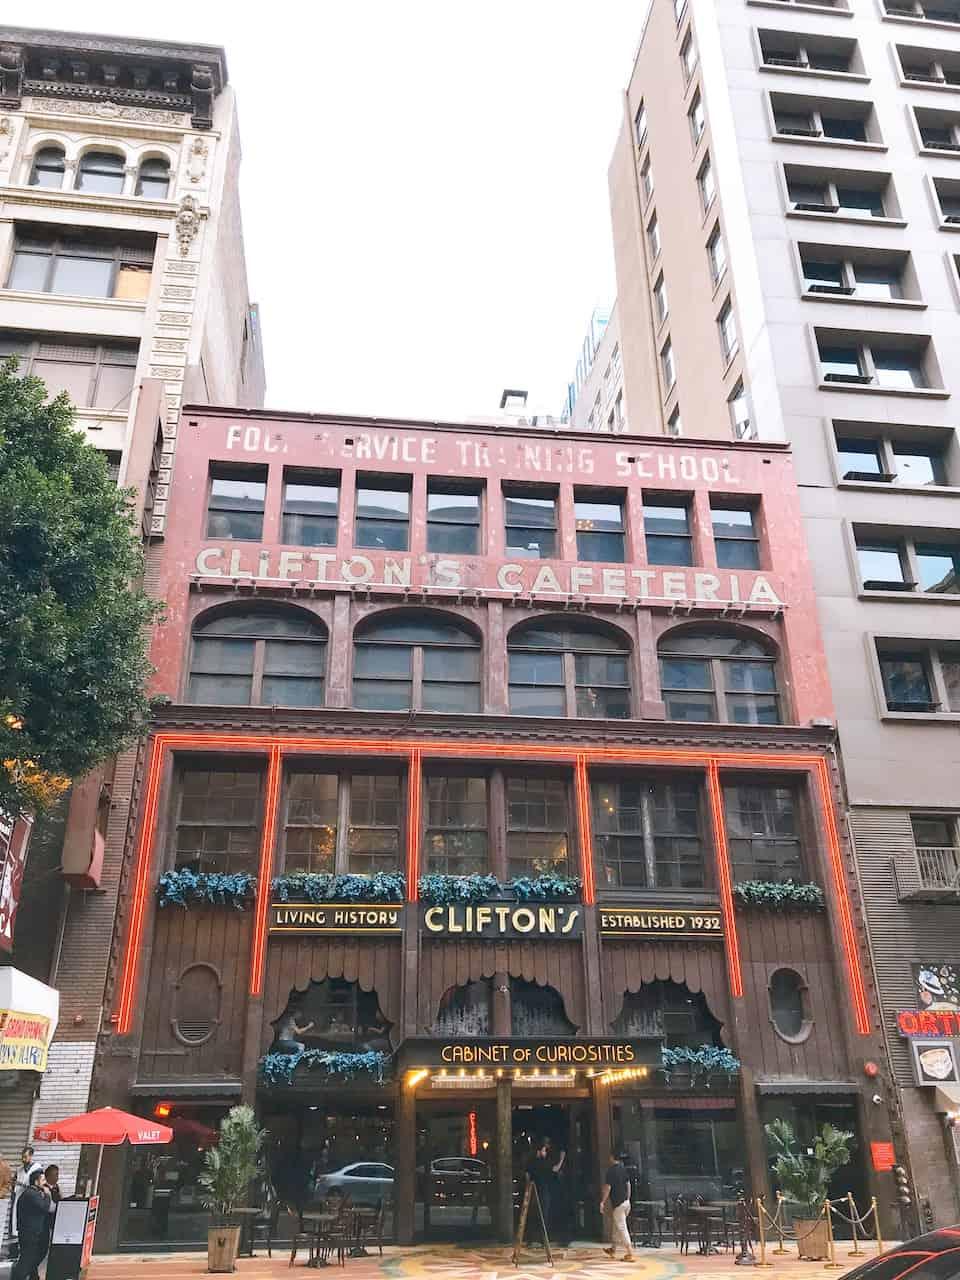 Clifton's Cafeteria Downtown LA